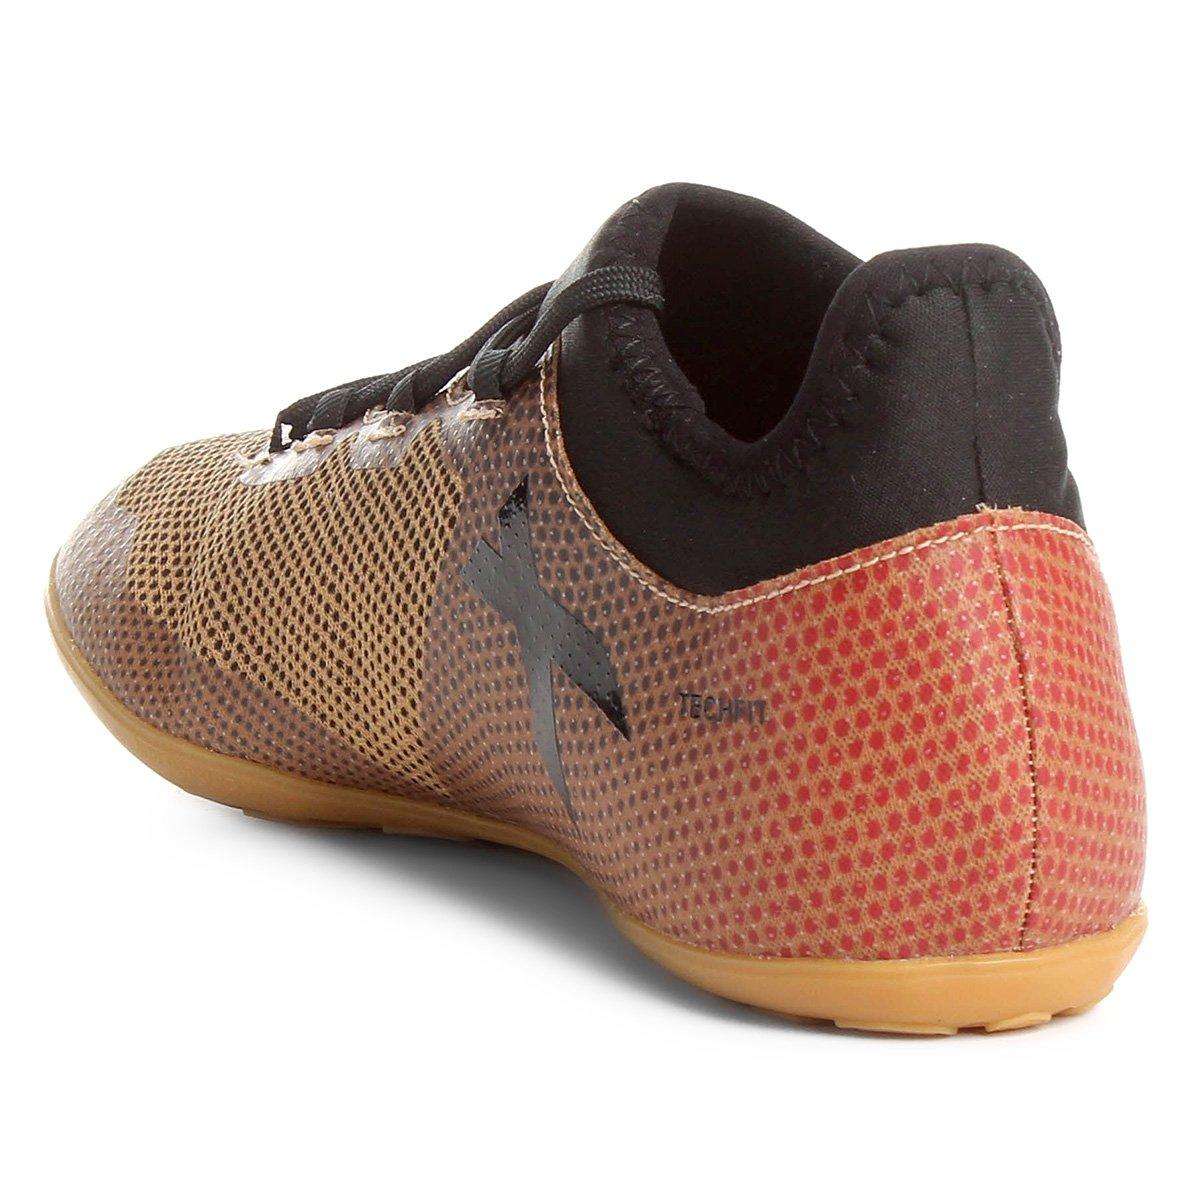 352eb1c139 Chuteira Futsal Adidas X 17 3 IN - Dourado - Compre Agora